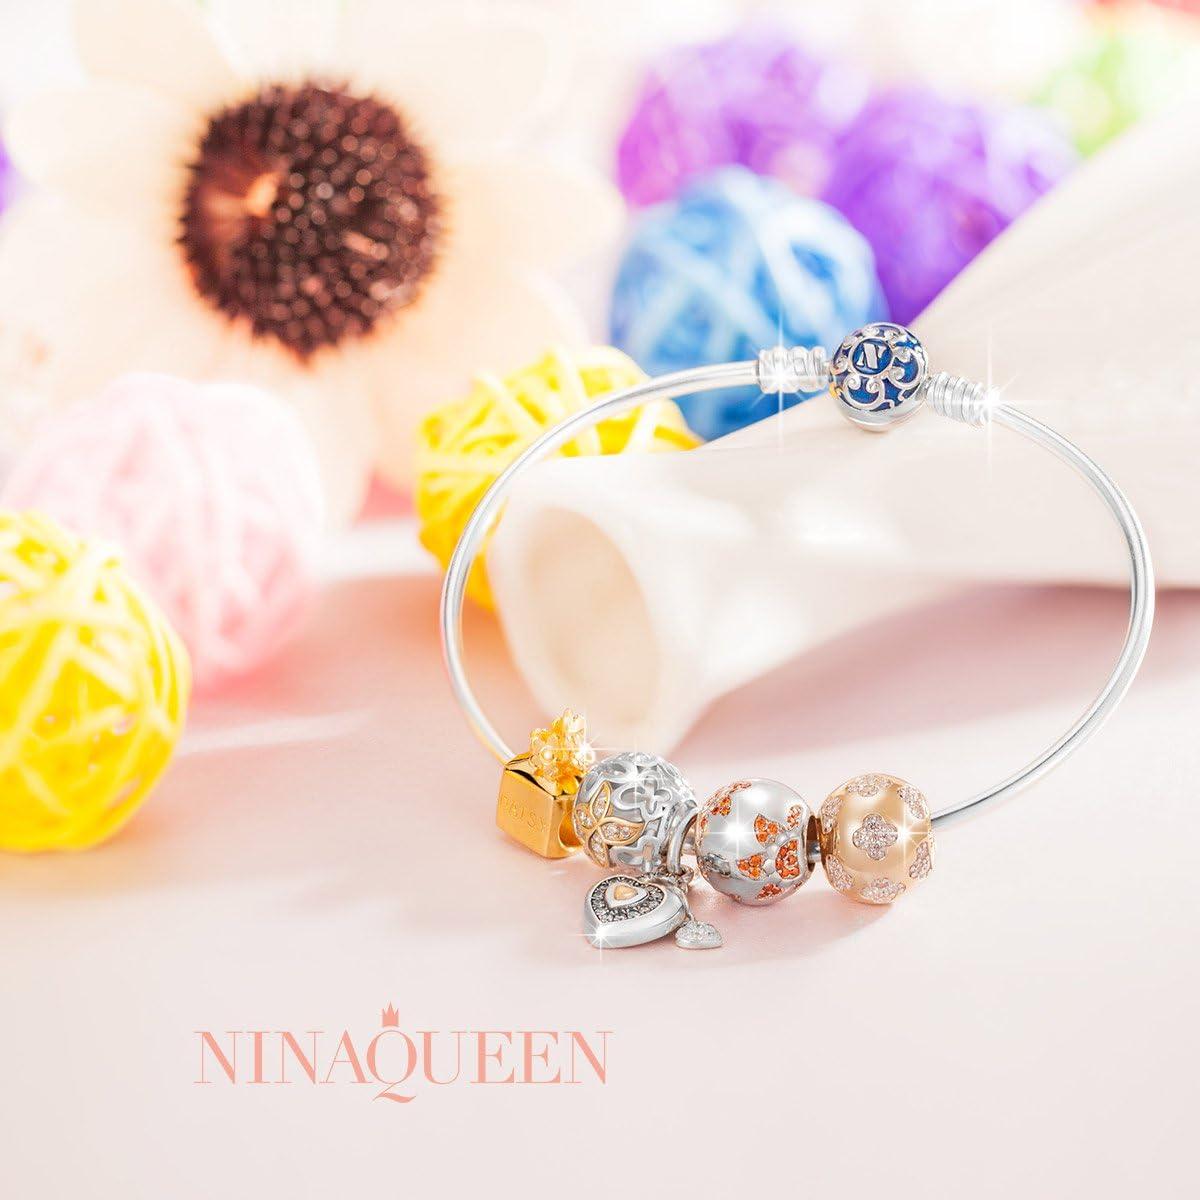 NINAQUEEN/® Charm//Tournesol//Argent 925 avec Coffret Cadeau Le Choix pour la f/ête des m/ères Cadeau pour Maman Zircone Bijoux de Maman